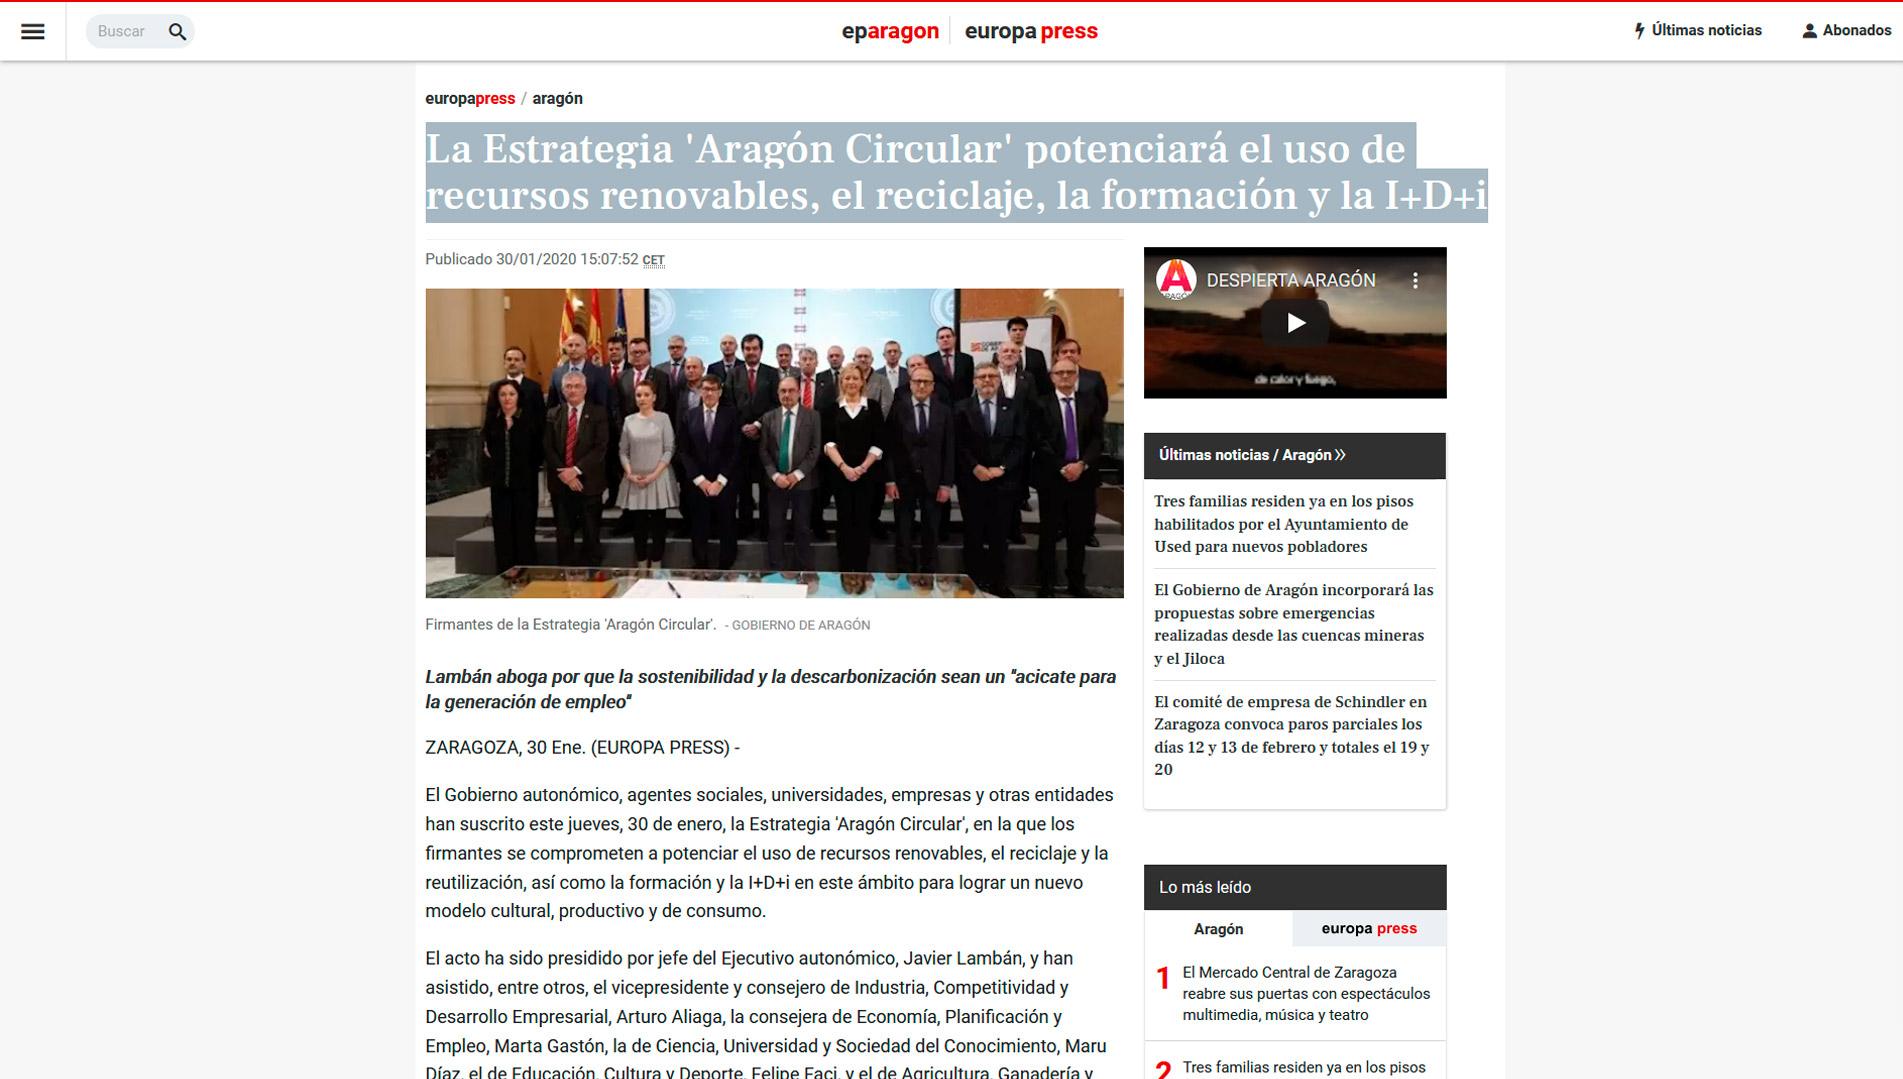 aragon-circular-europa-press